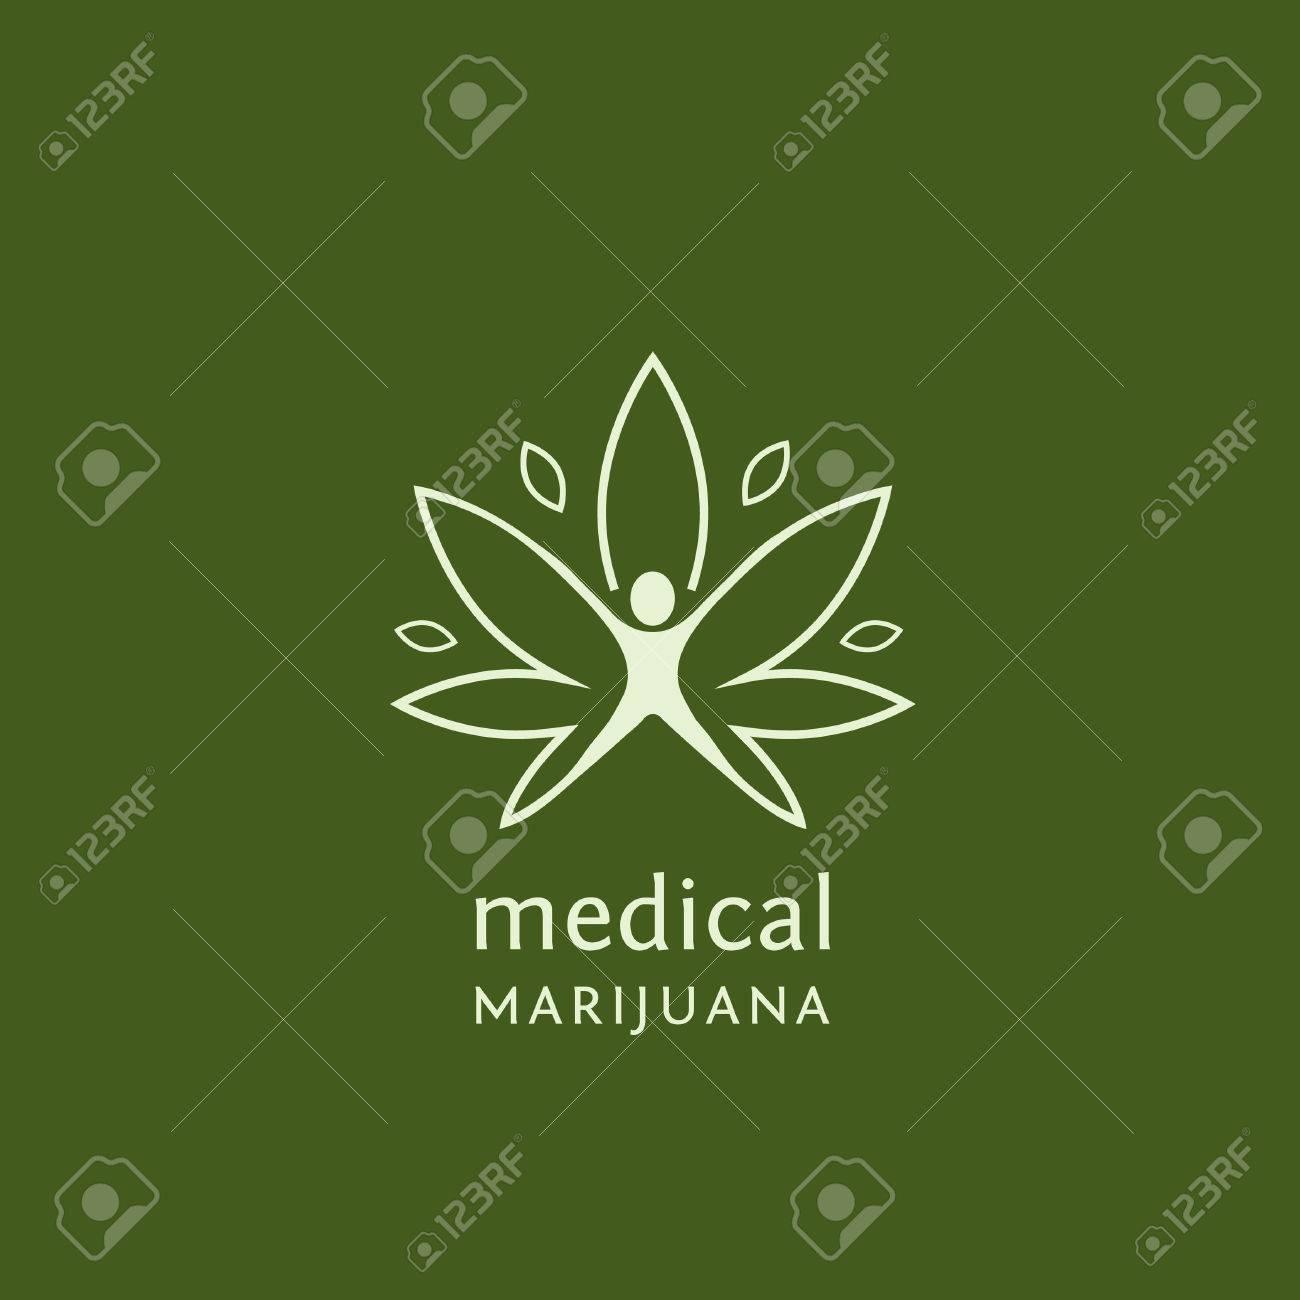 Flat outline design of medical marijuana. Vector illustration concept for web design, labels, logo design. - 68893464